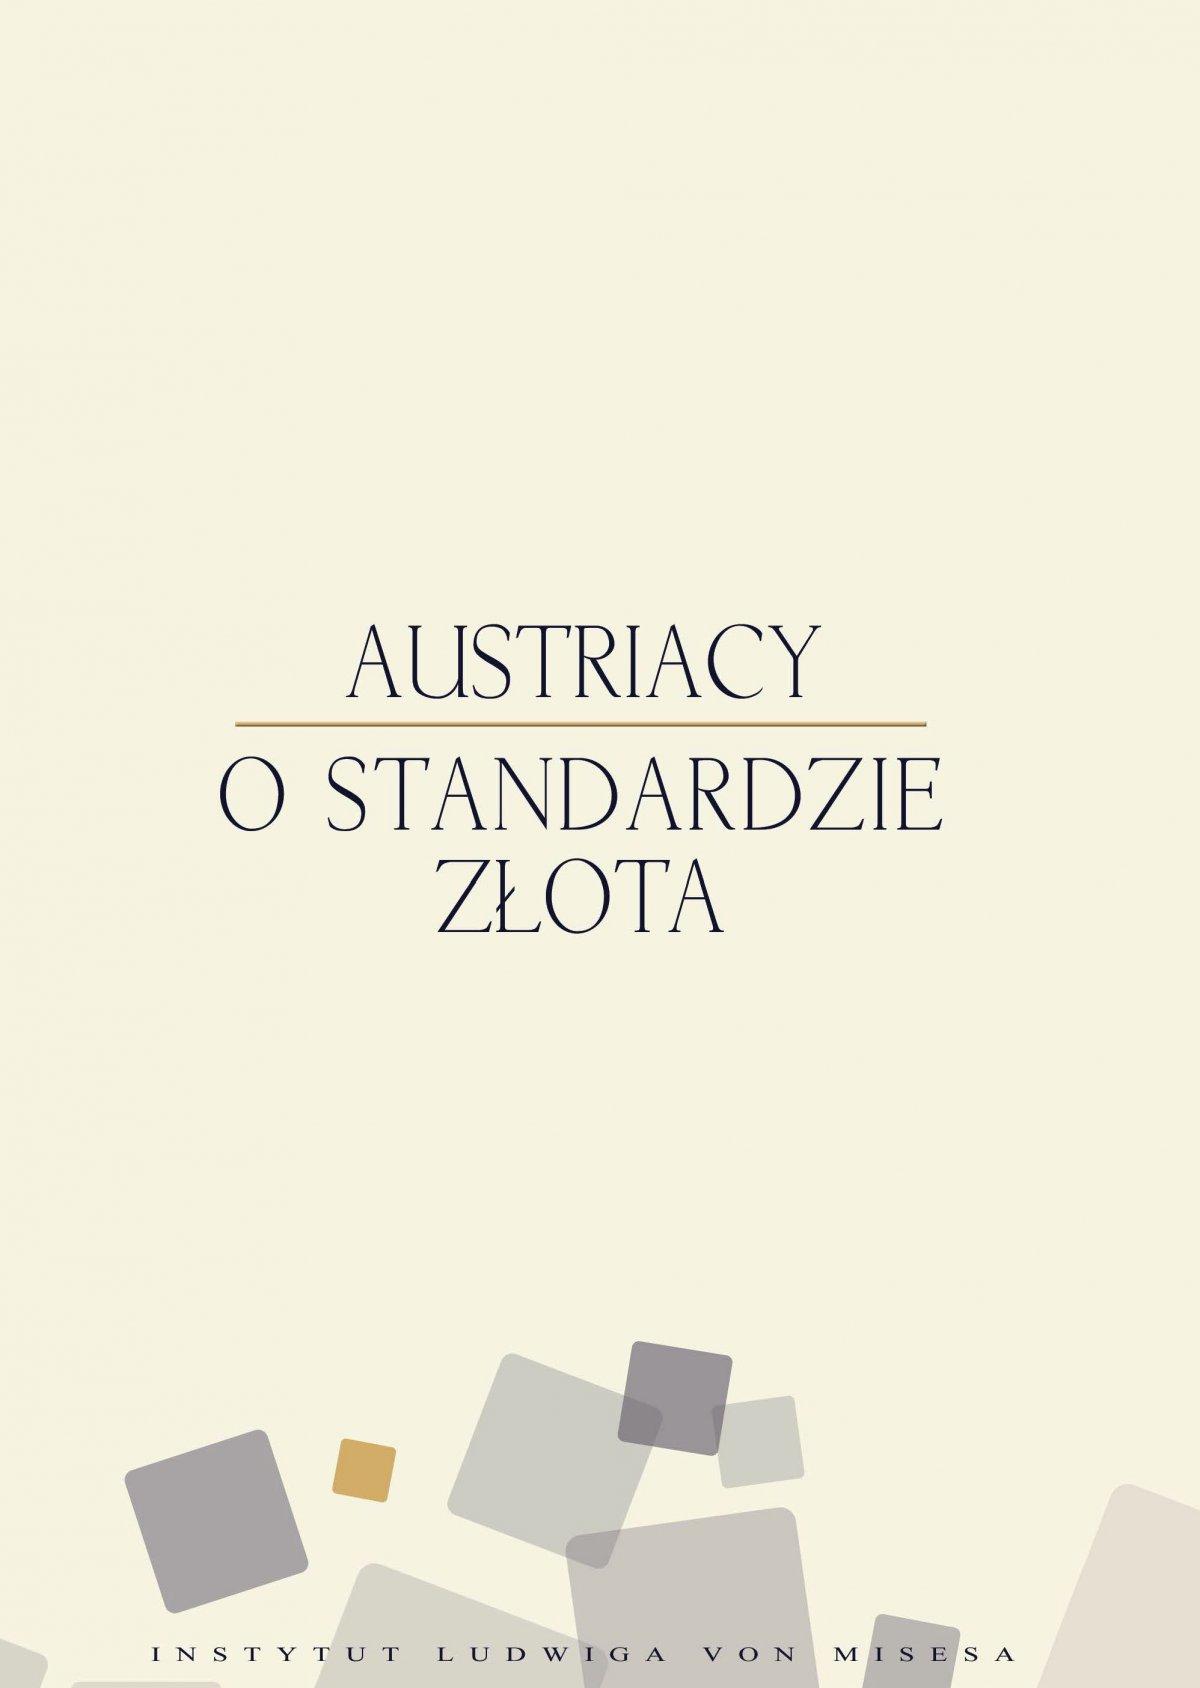 Austriacy o standardzie złota - Ebook (Książka PDF) do pobrania w formacie PDF